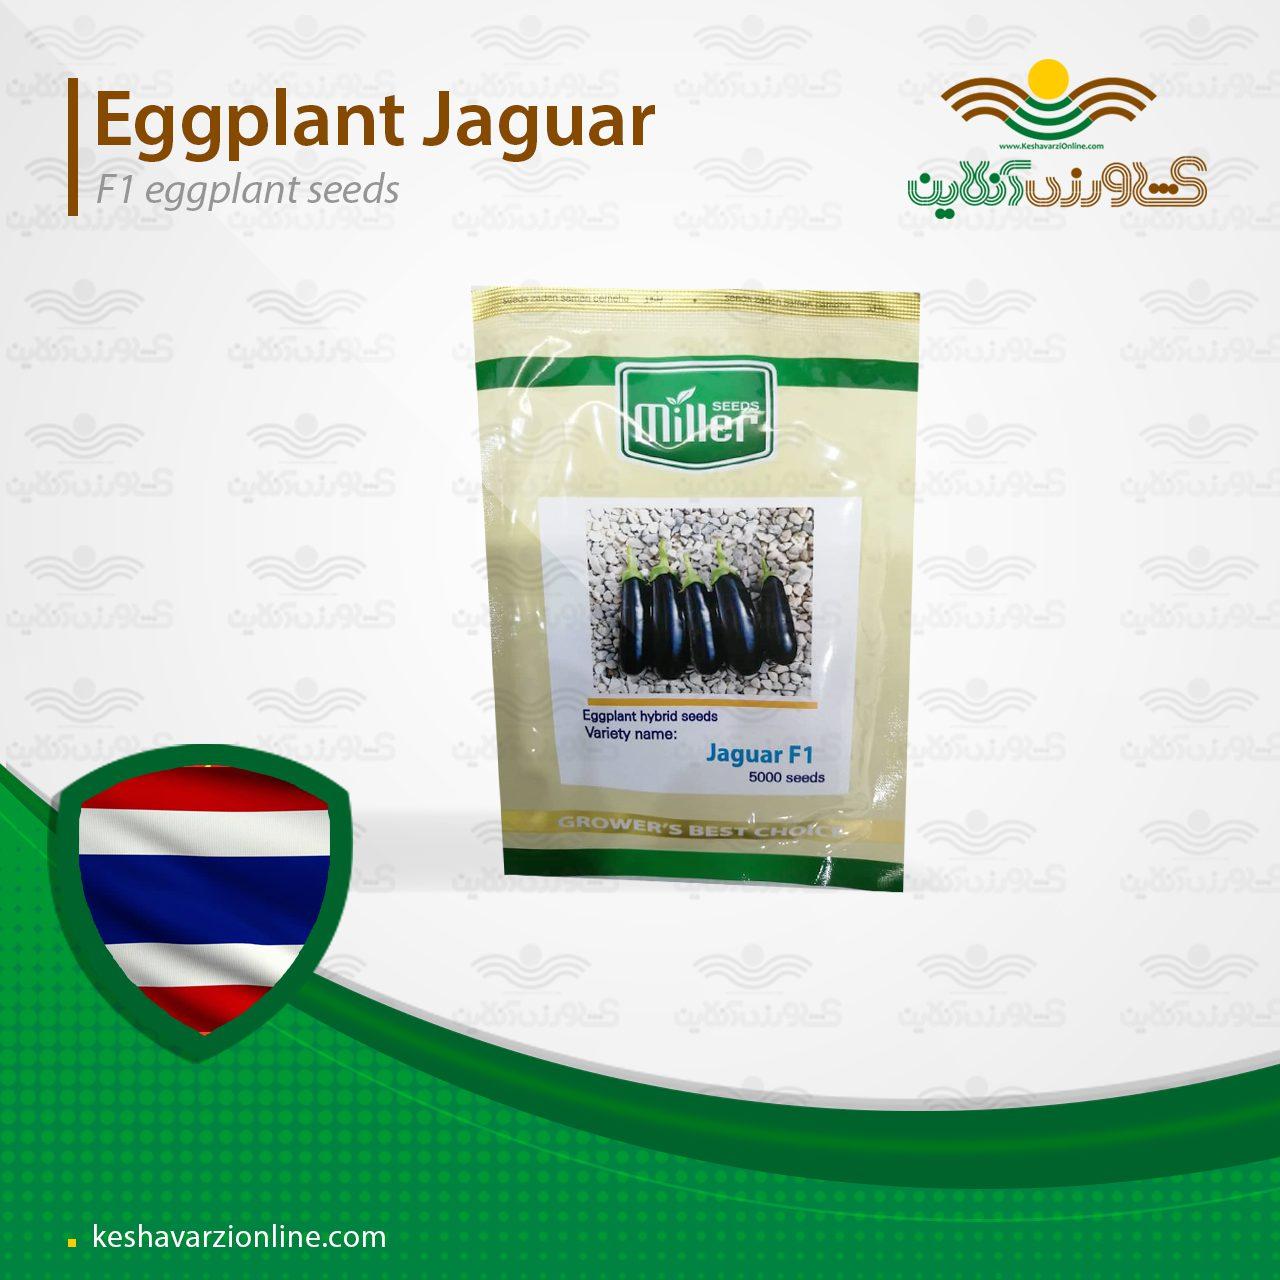 بذر بادمجان قلمی هیبرید جگوار مناسب گلخانه و فضای باز